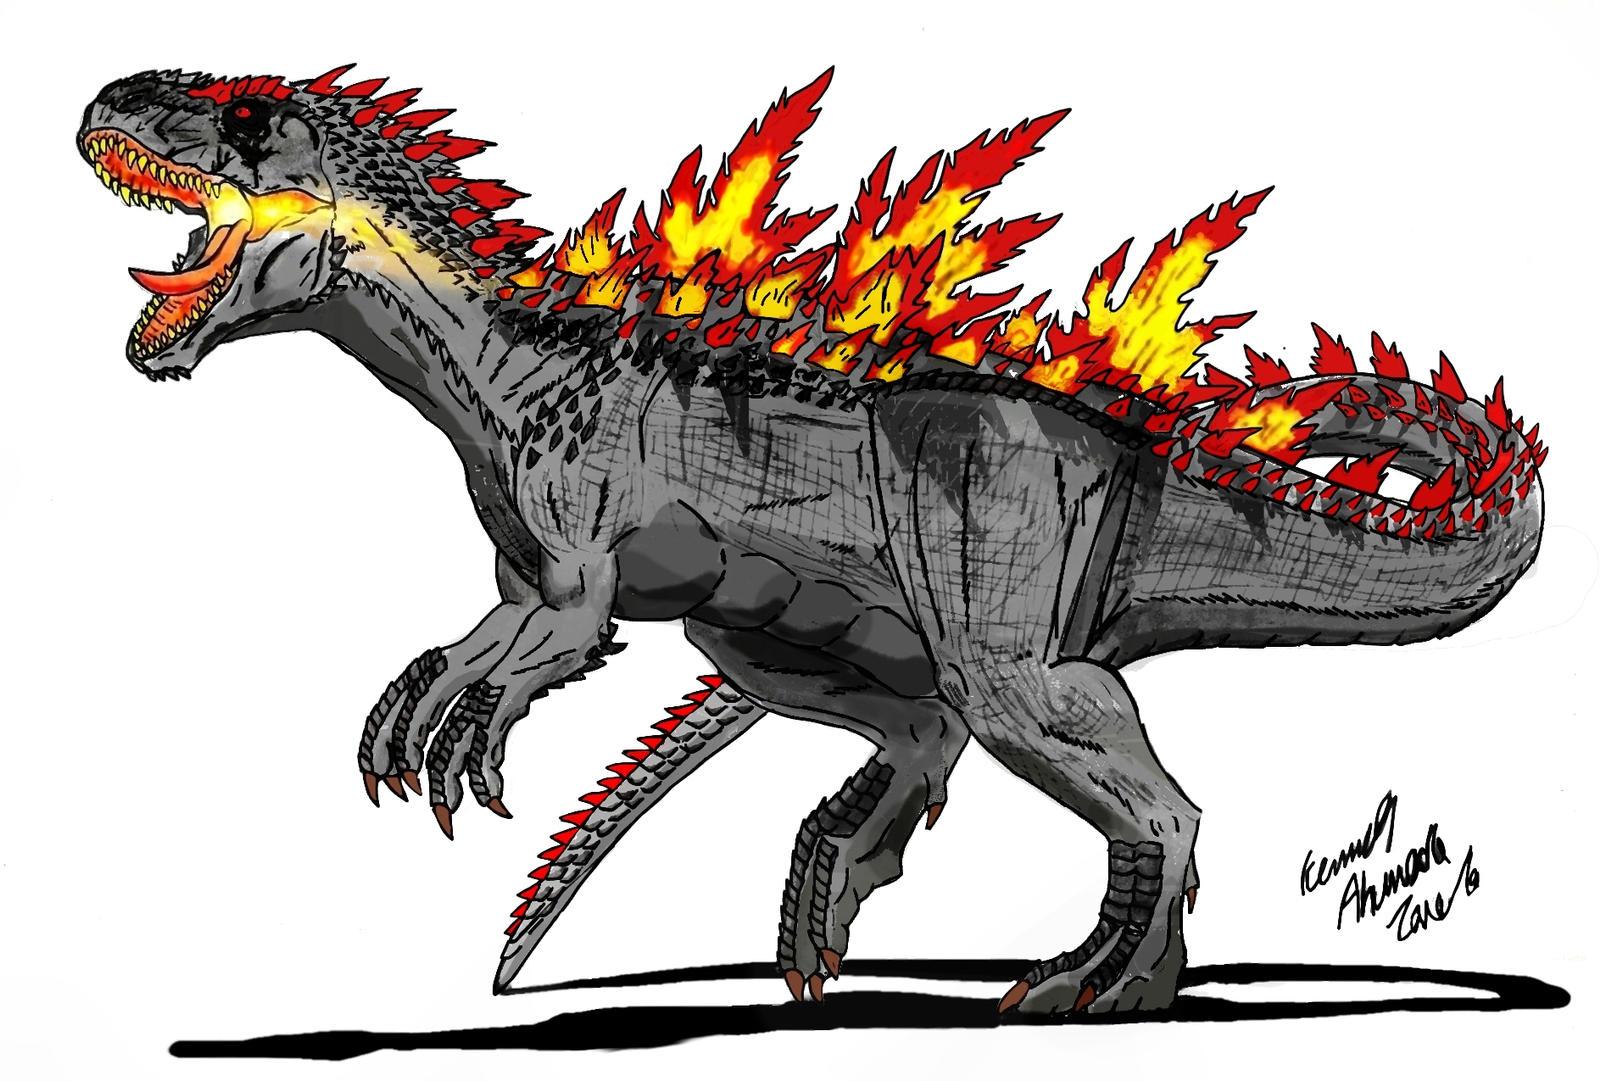 Godzillasaurus Vs Gorosaurus